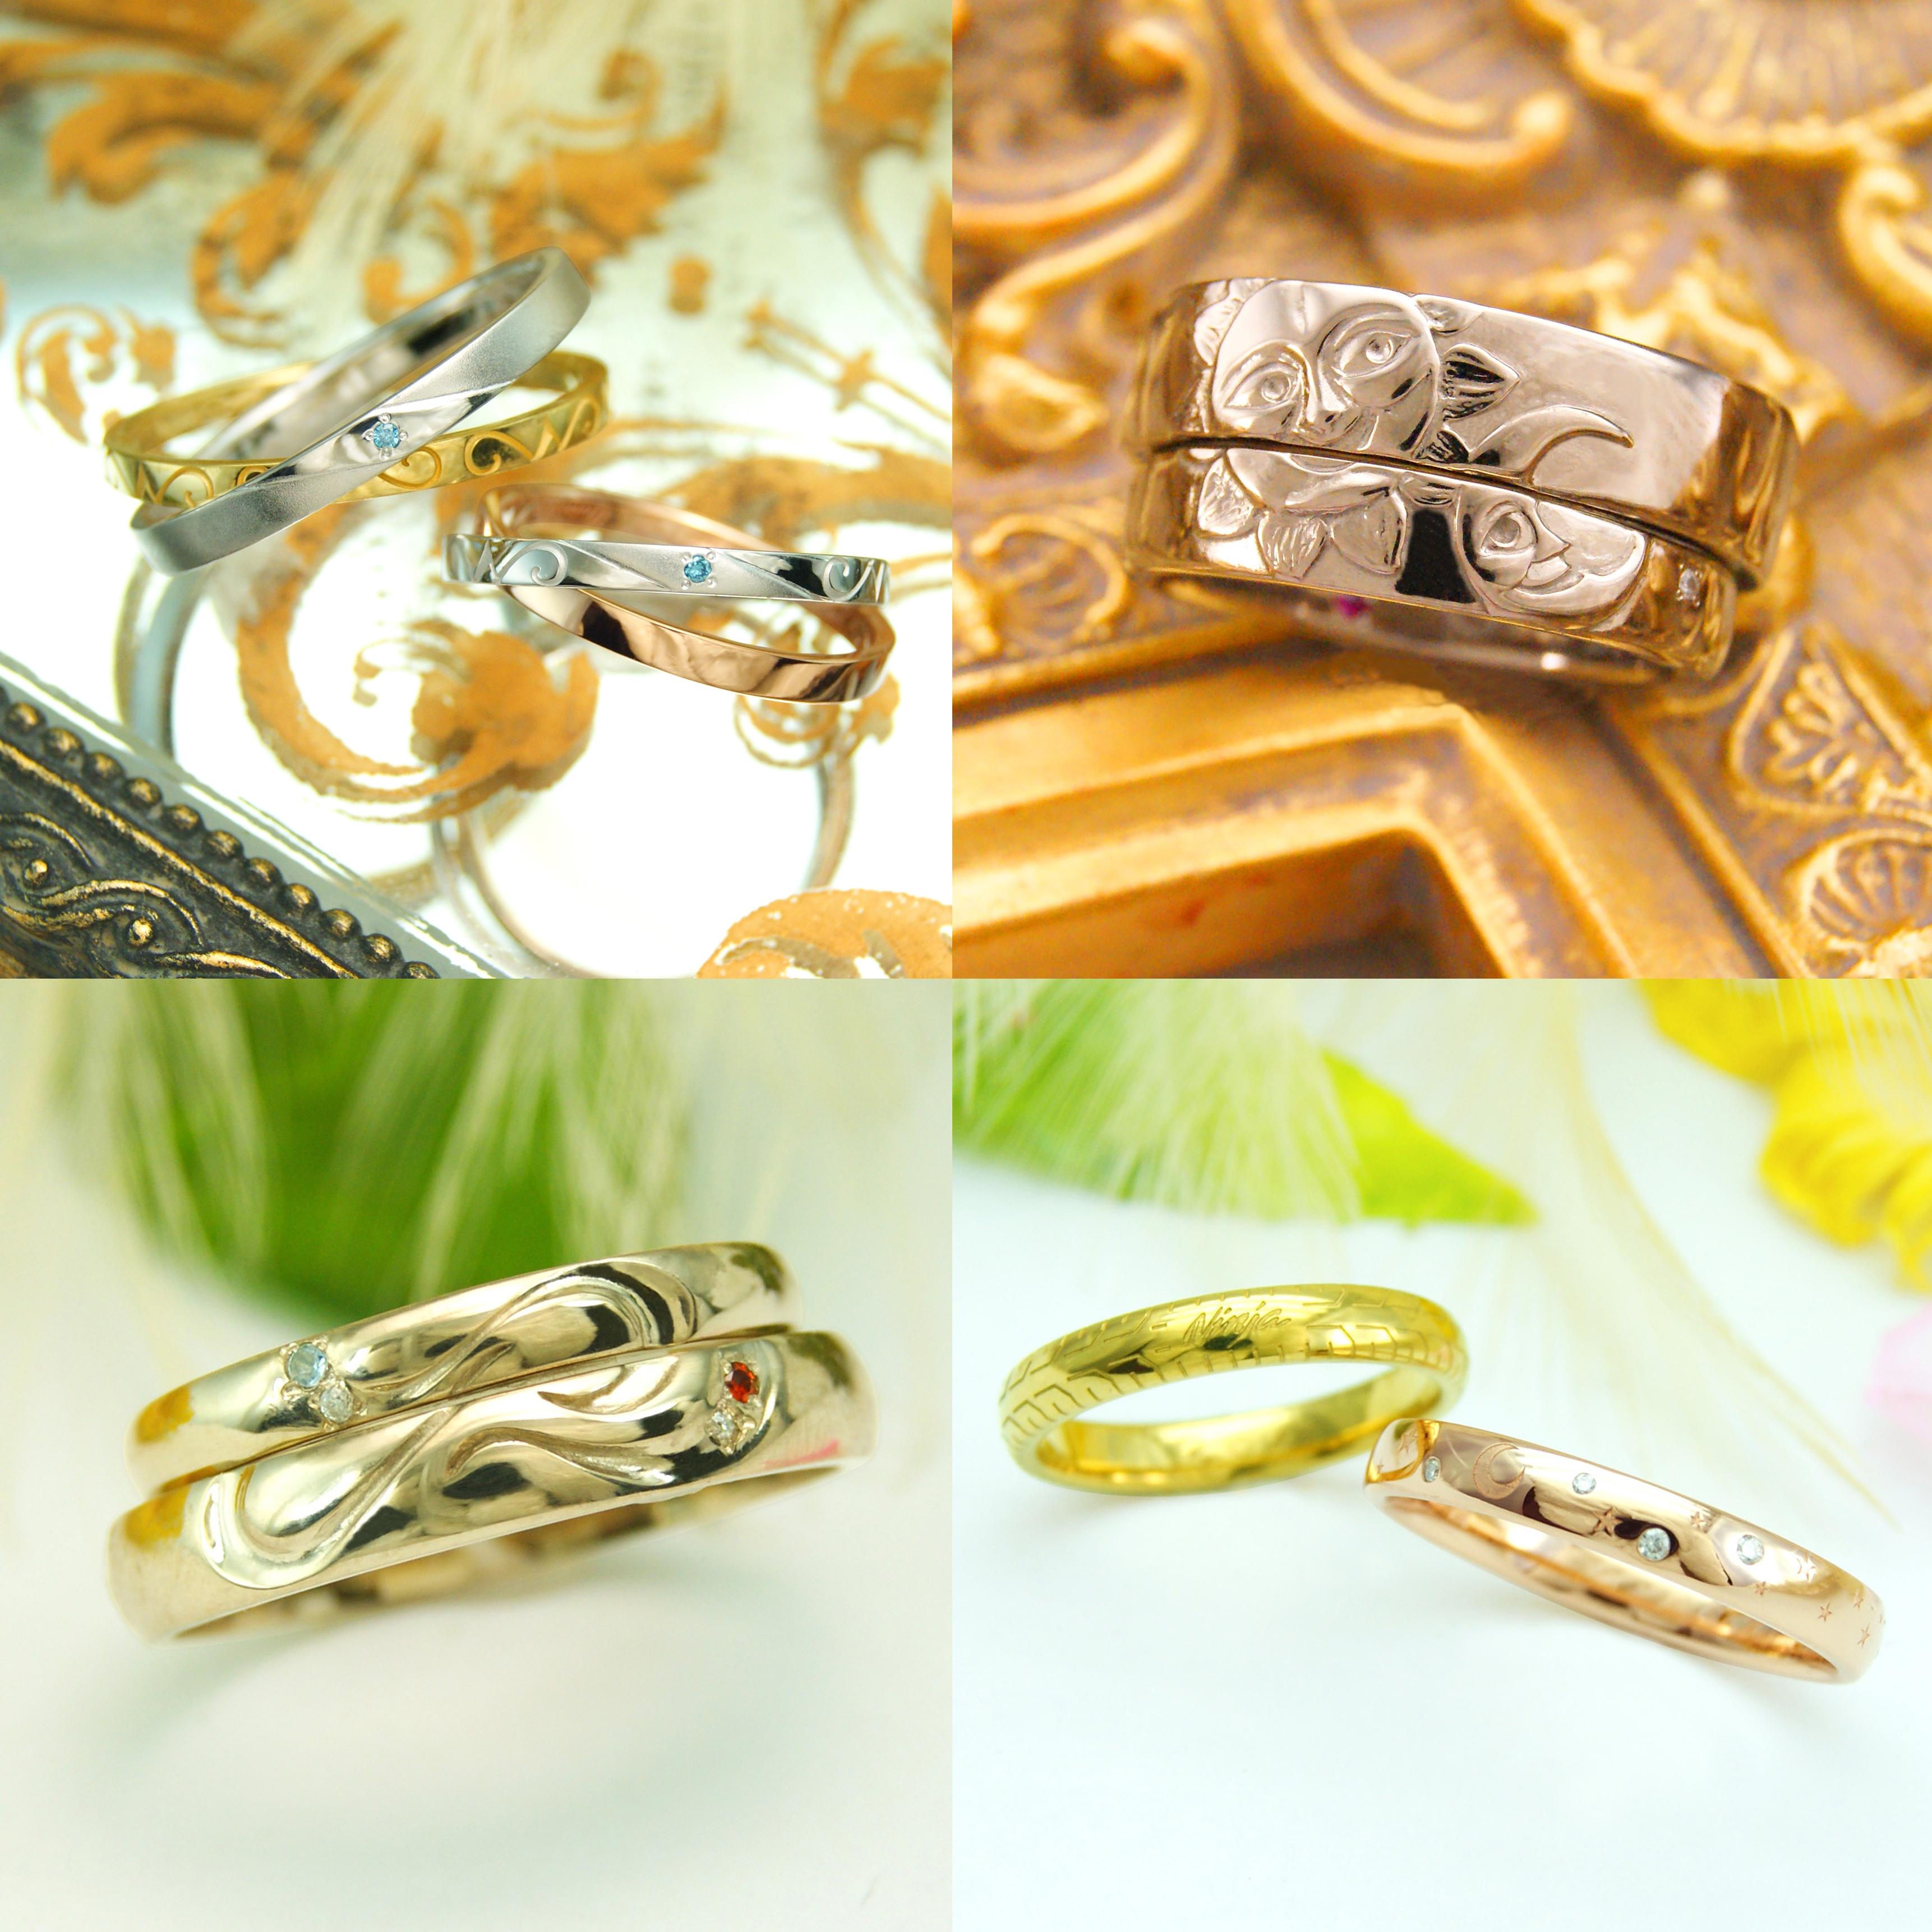 結婚指輪のデザインの違い